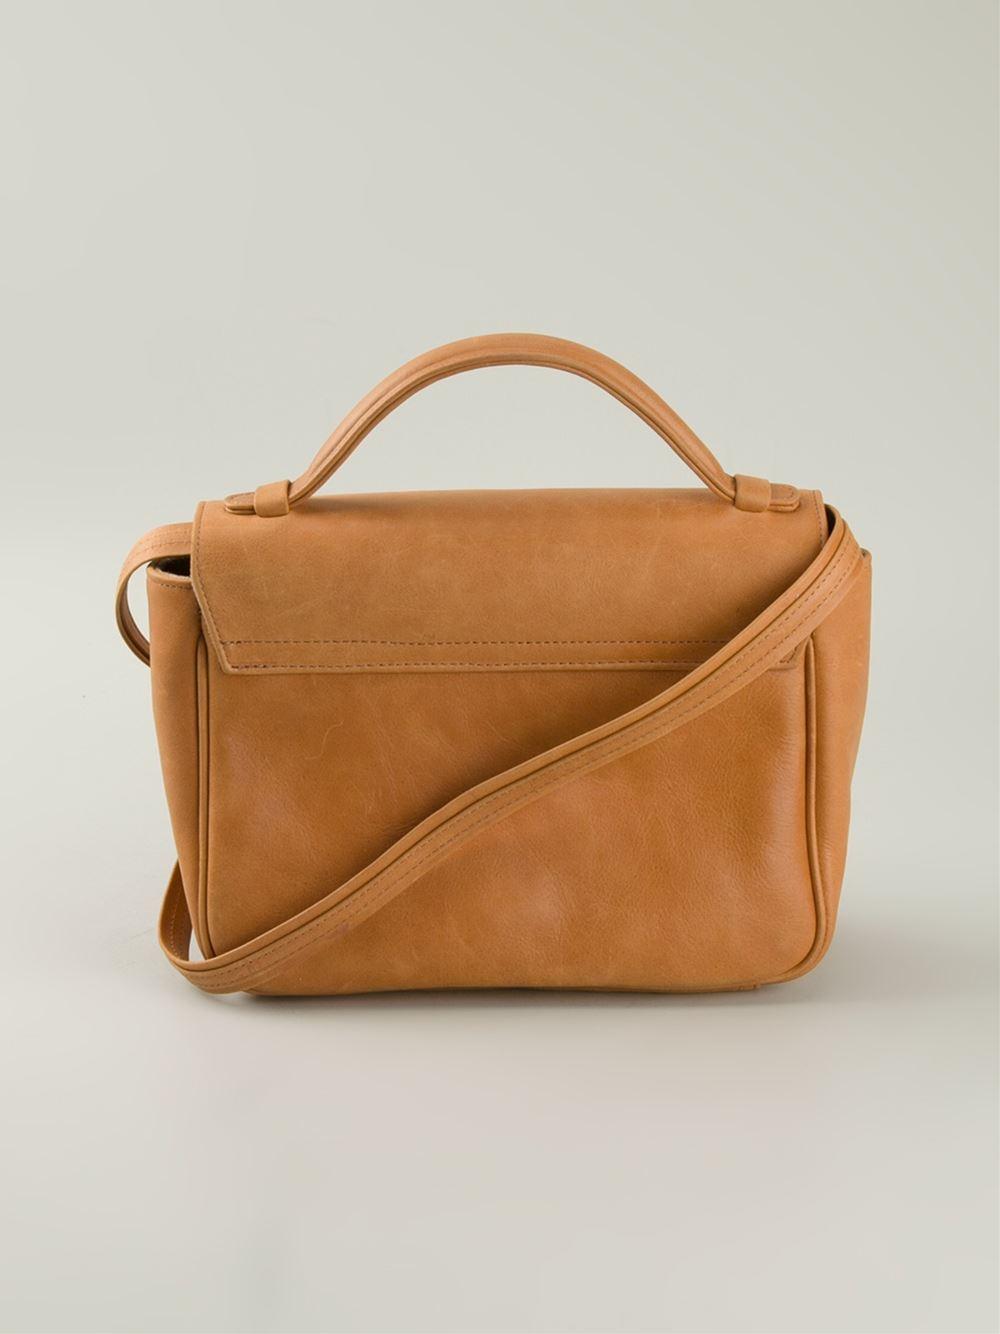 Sarah's bag Beaded Flap Cross-Body Bag in Natural